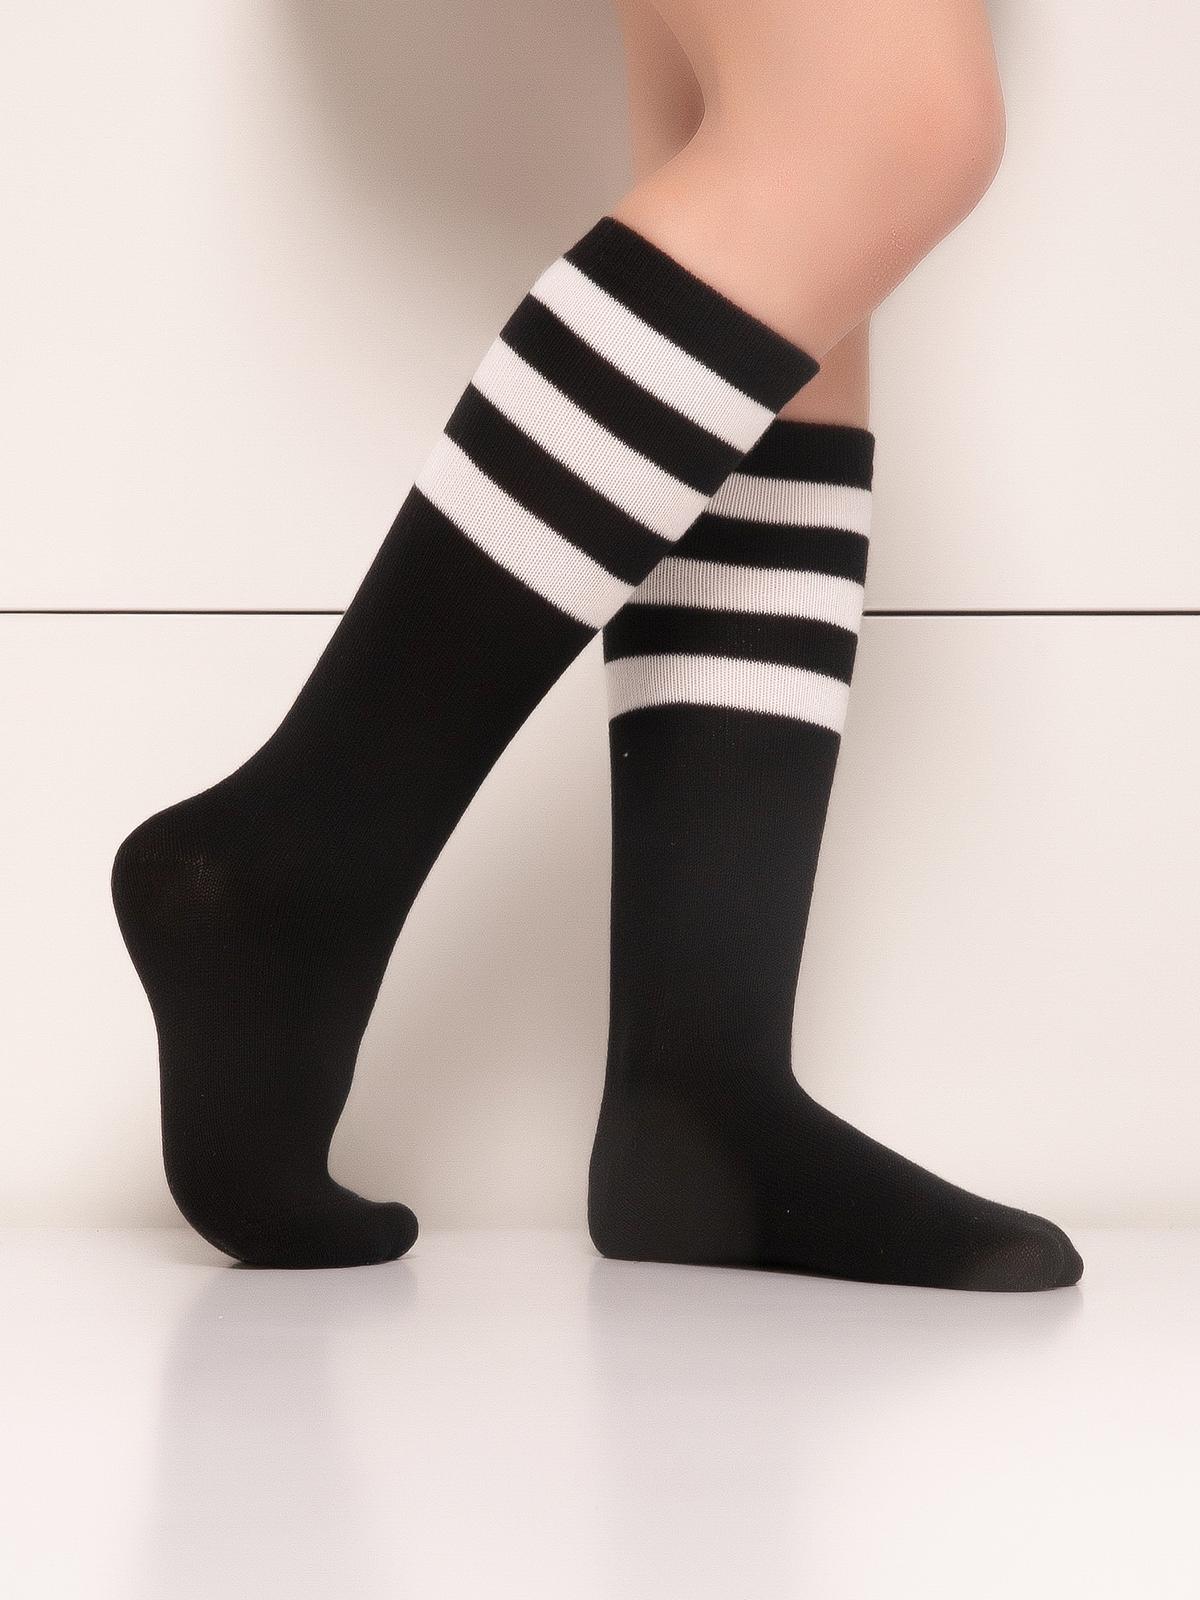 Купить Гольфы детские Hobby Line 4490-1 черный, белые полоски, 18-20, Гольфы для девочек